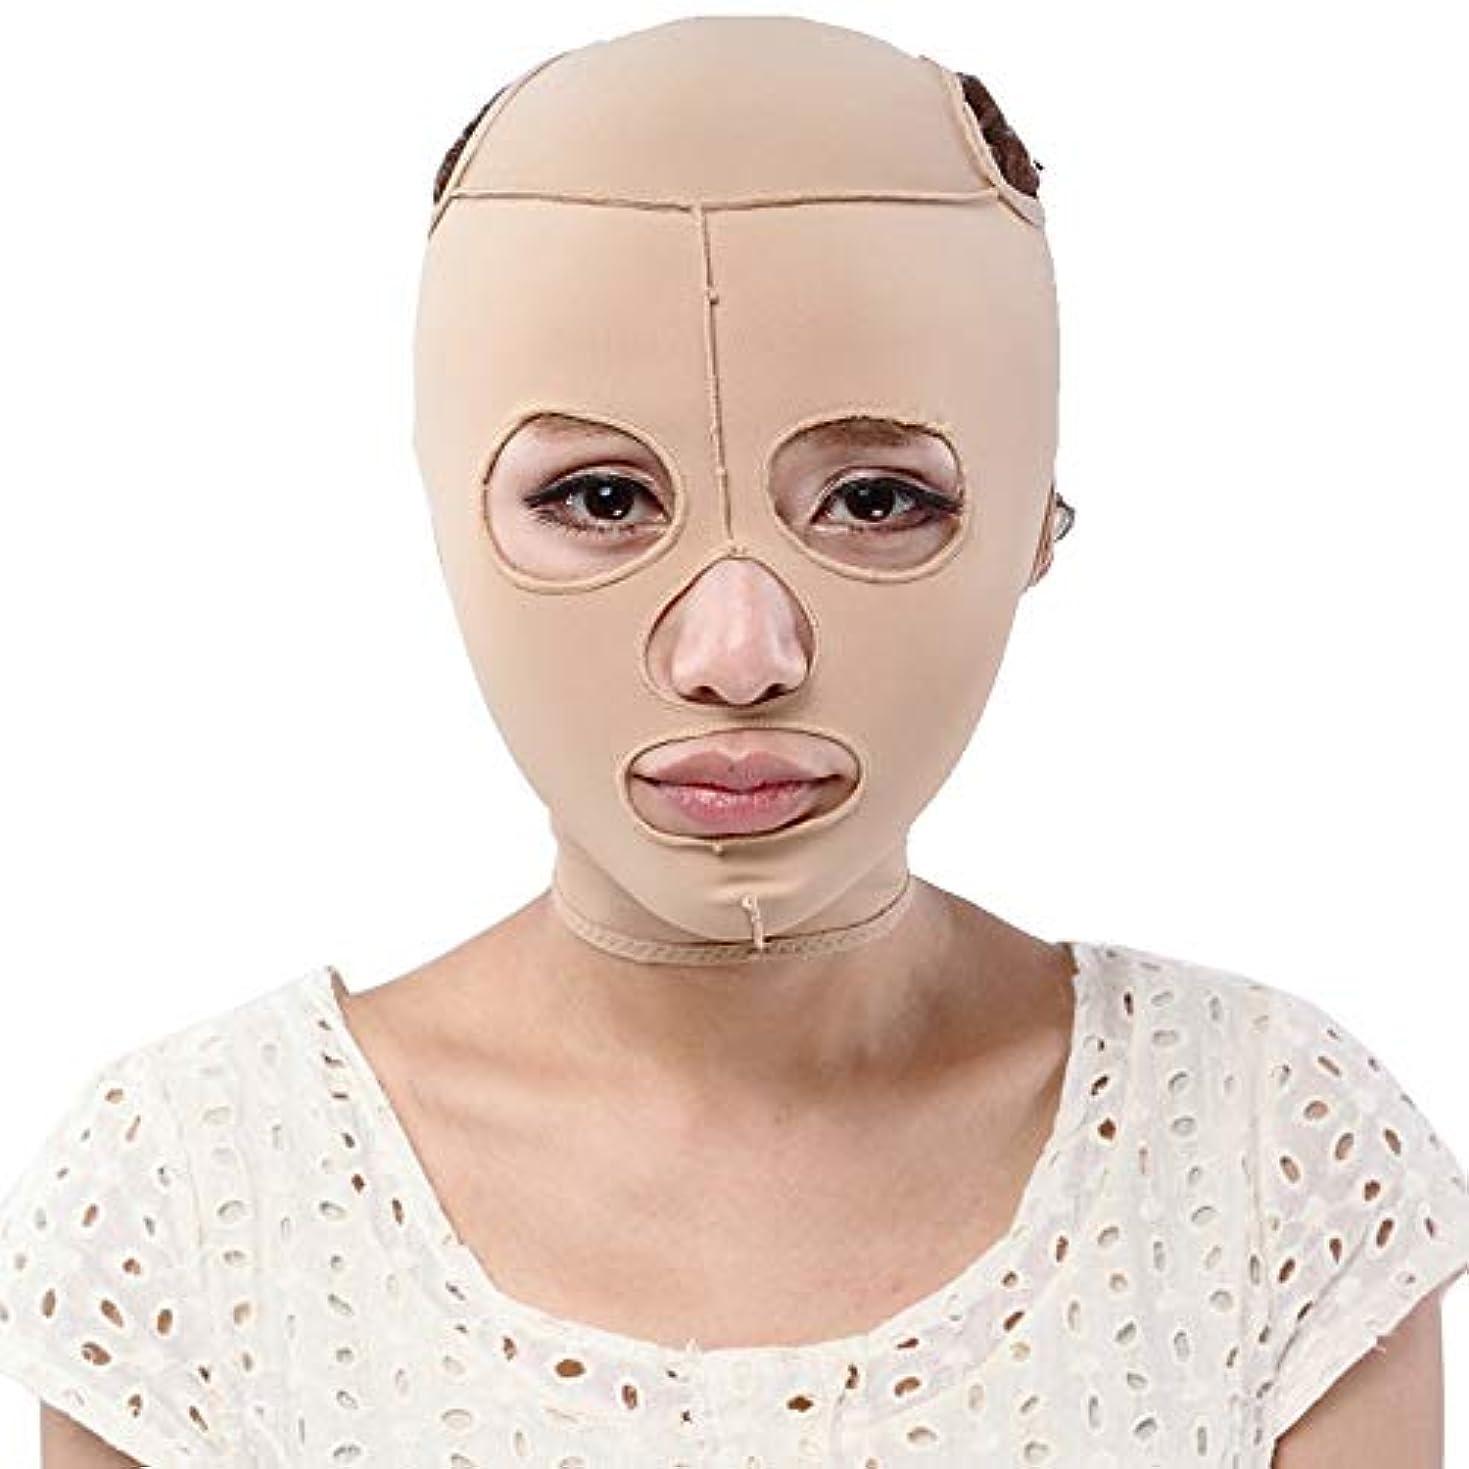 救出そんなに好意的薄い顔ベルト、通気性睡眠包帯フェイシャルマッサージフェイスリフト二重あごリデューサーフェイシャル?シェーピングオールインクルーシブ包帯、4つのサイズ (Size : L)